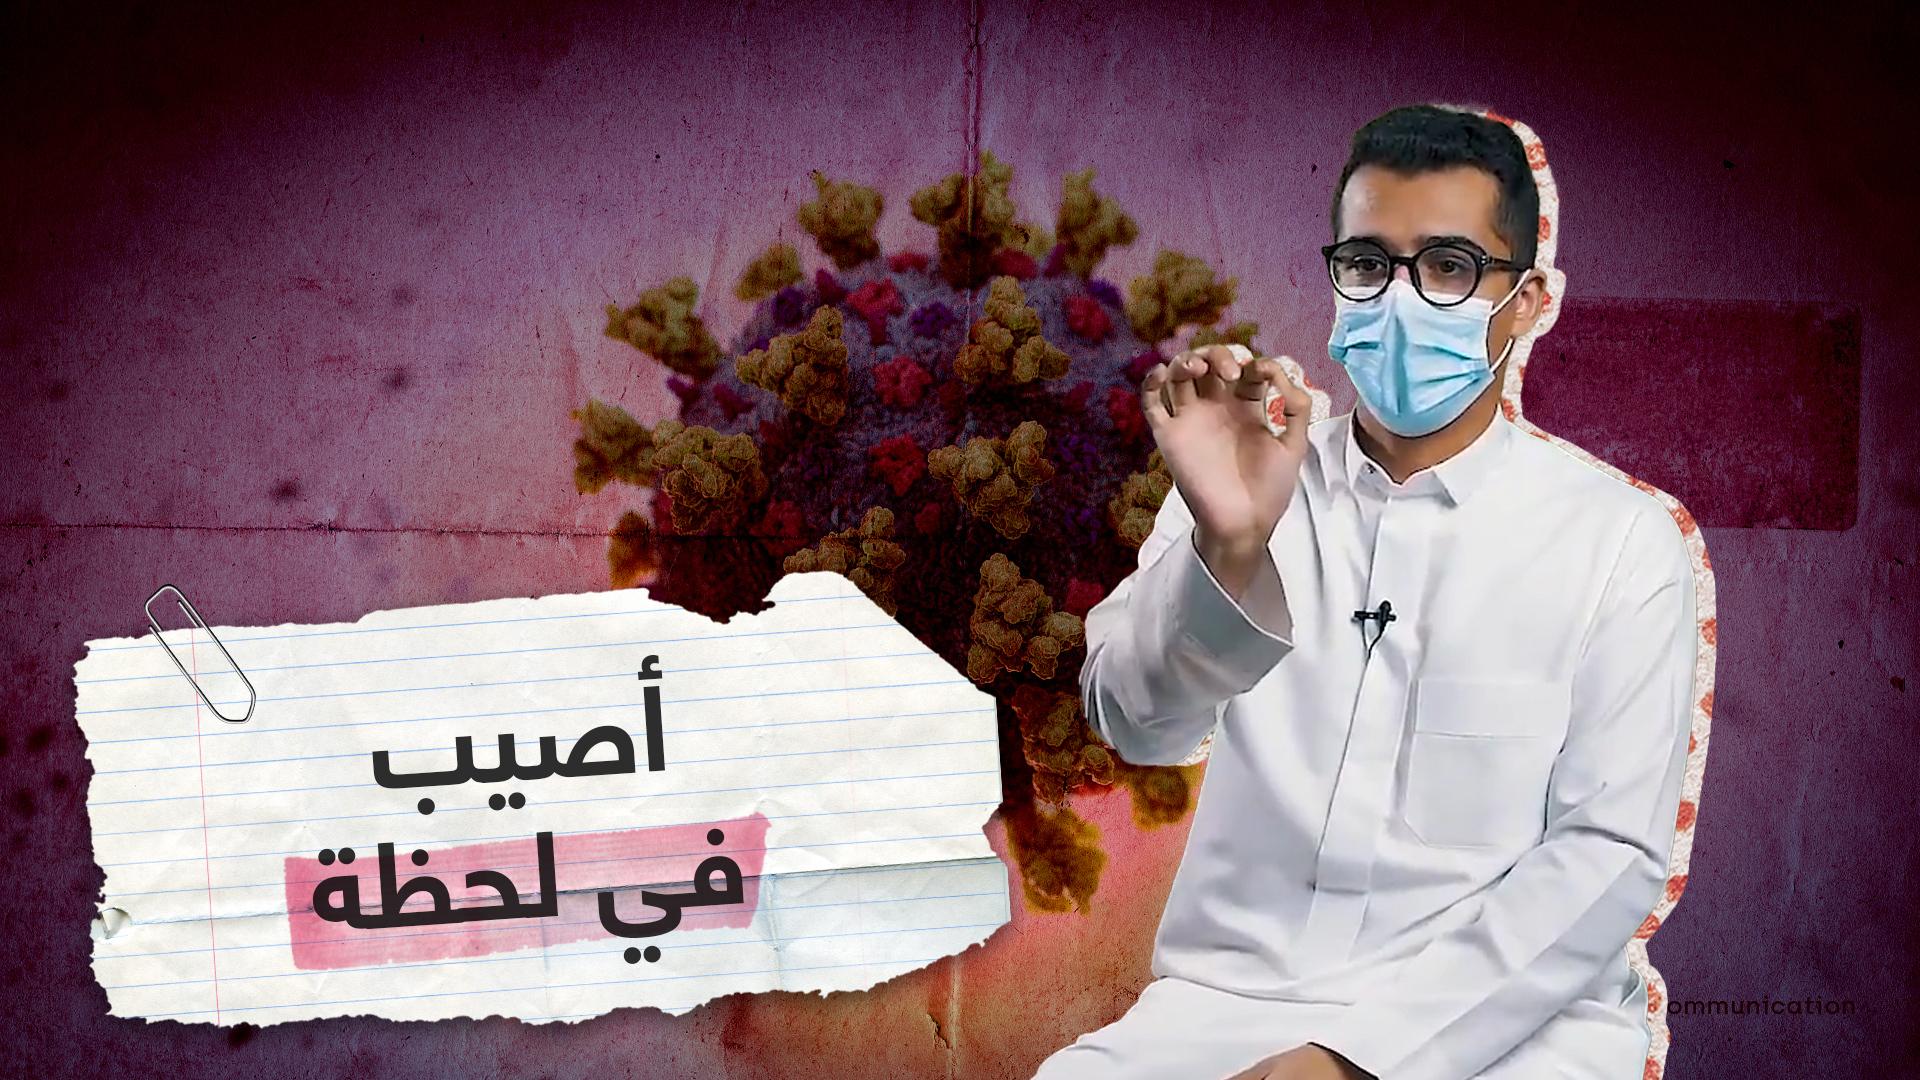 سعودي يروي قصة إصابته بكورونا رغم الاحتياطات